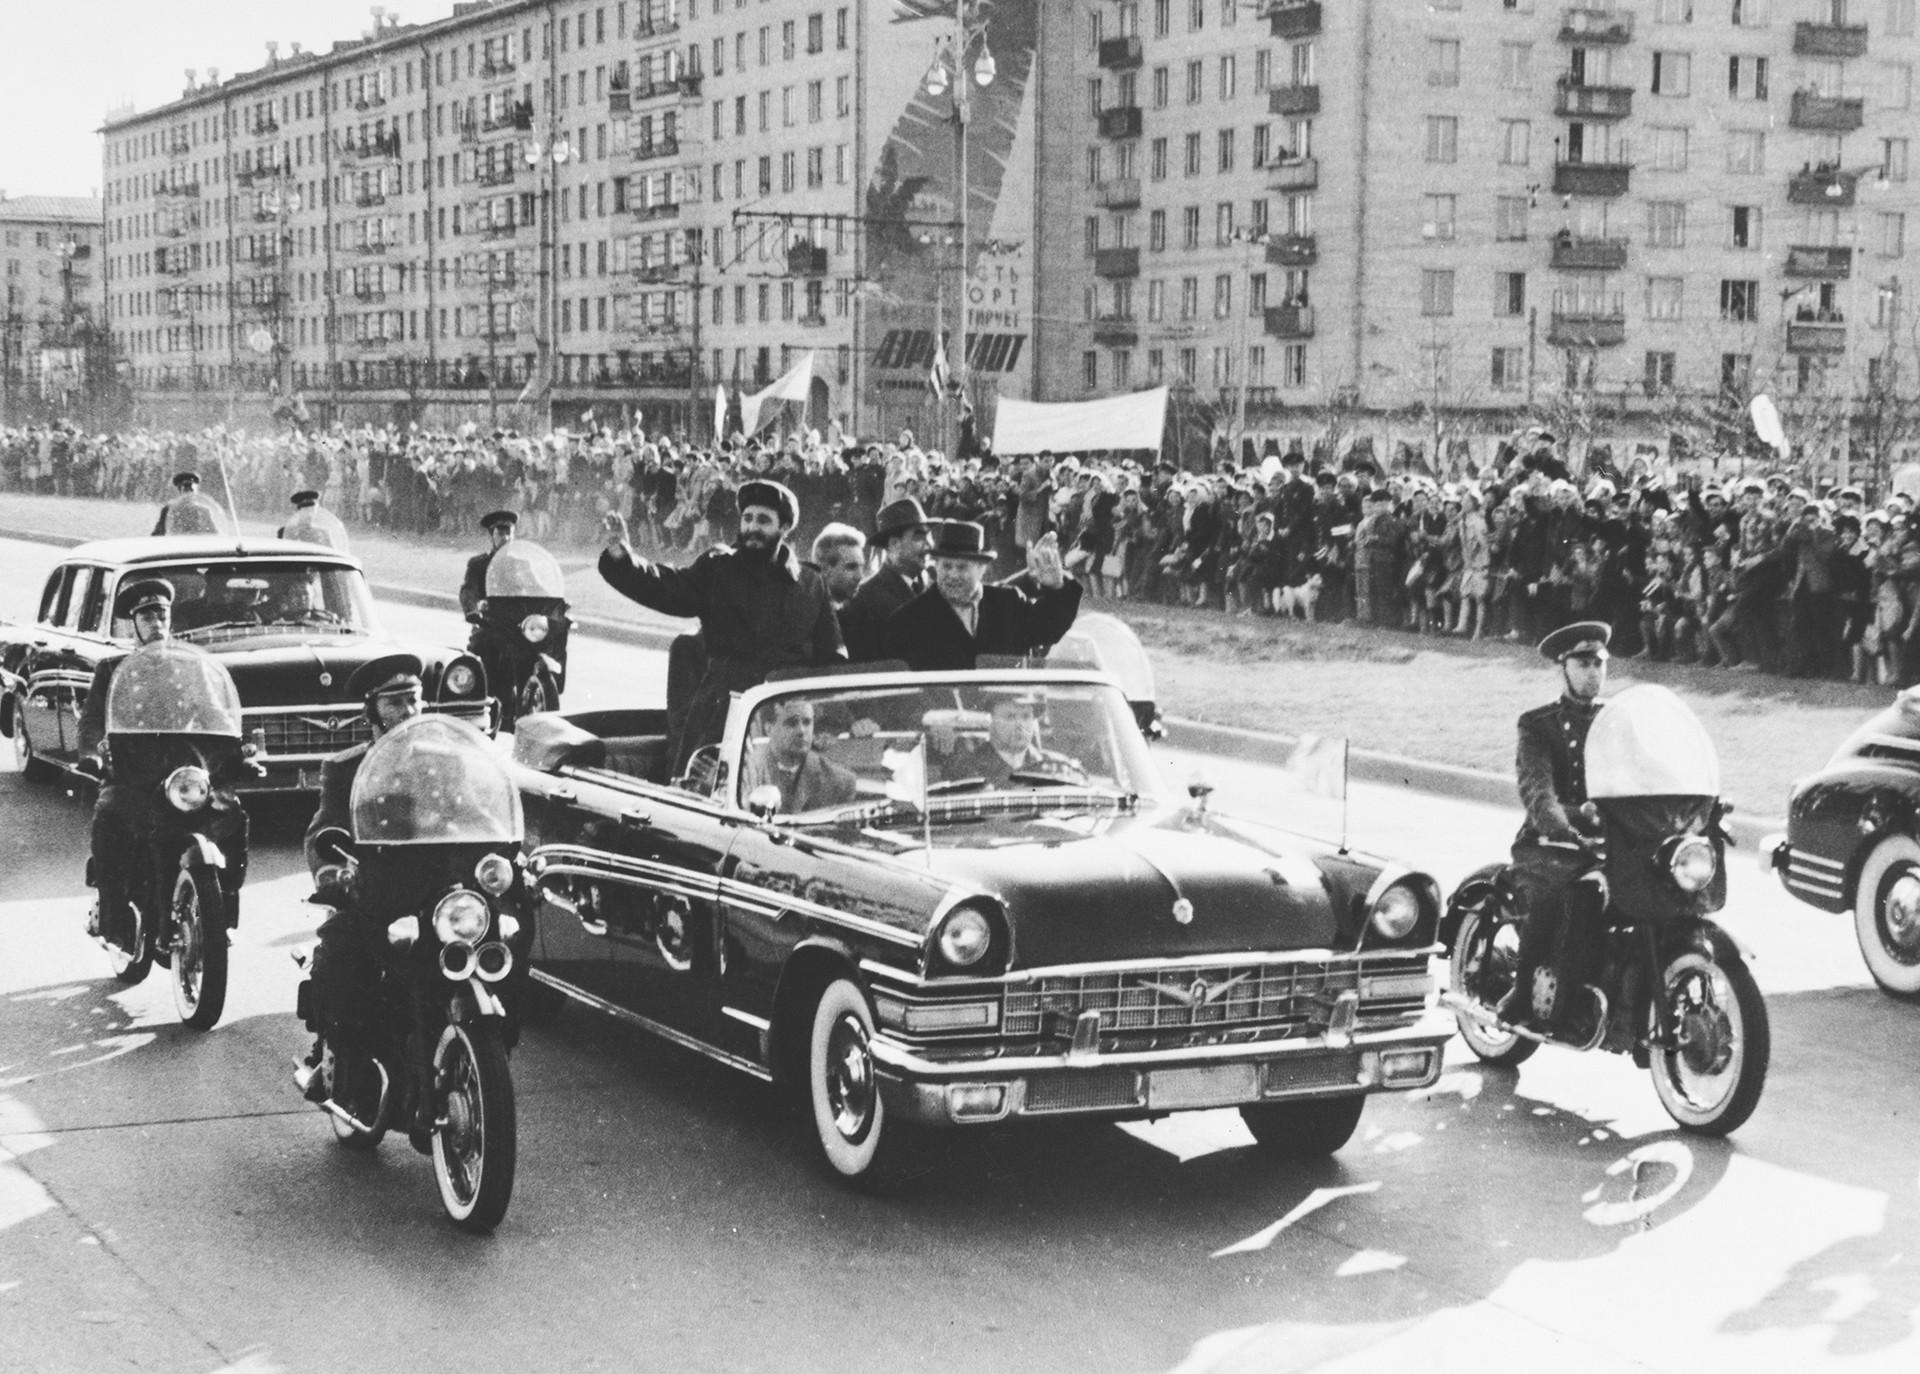 1963年5月1日。ニキータ・フルシチョフがフィデル・カストロの最初のロシア訪問中、彼にモスクワを案内している。車にはレオニード・ブレジネフもいる。